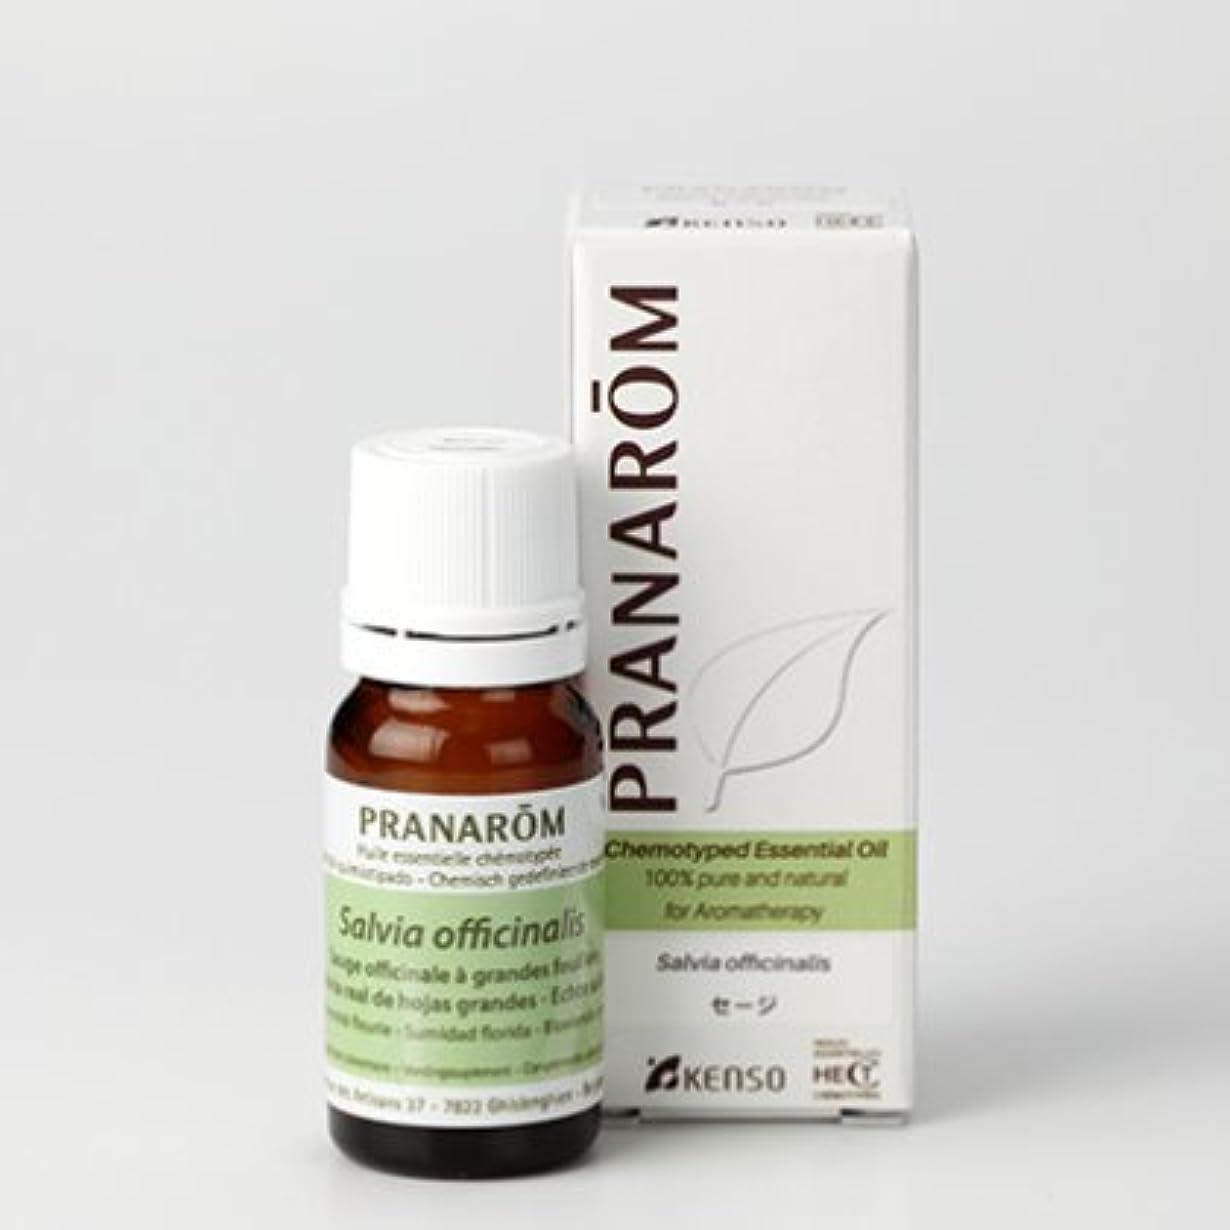 香り冷える輸血セージ 10mlトップノート プラナロム社エッセンシャルオイル(精油)